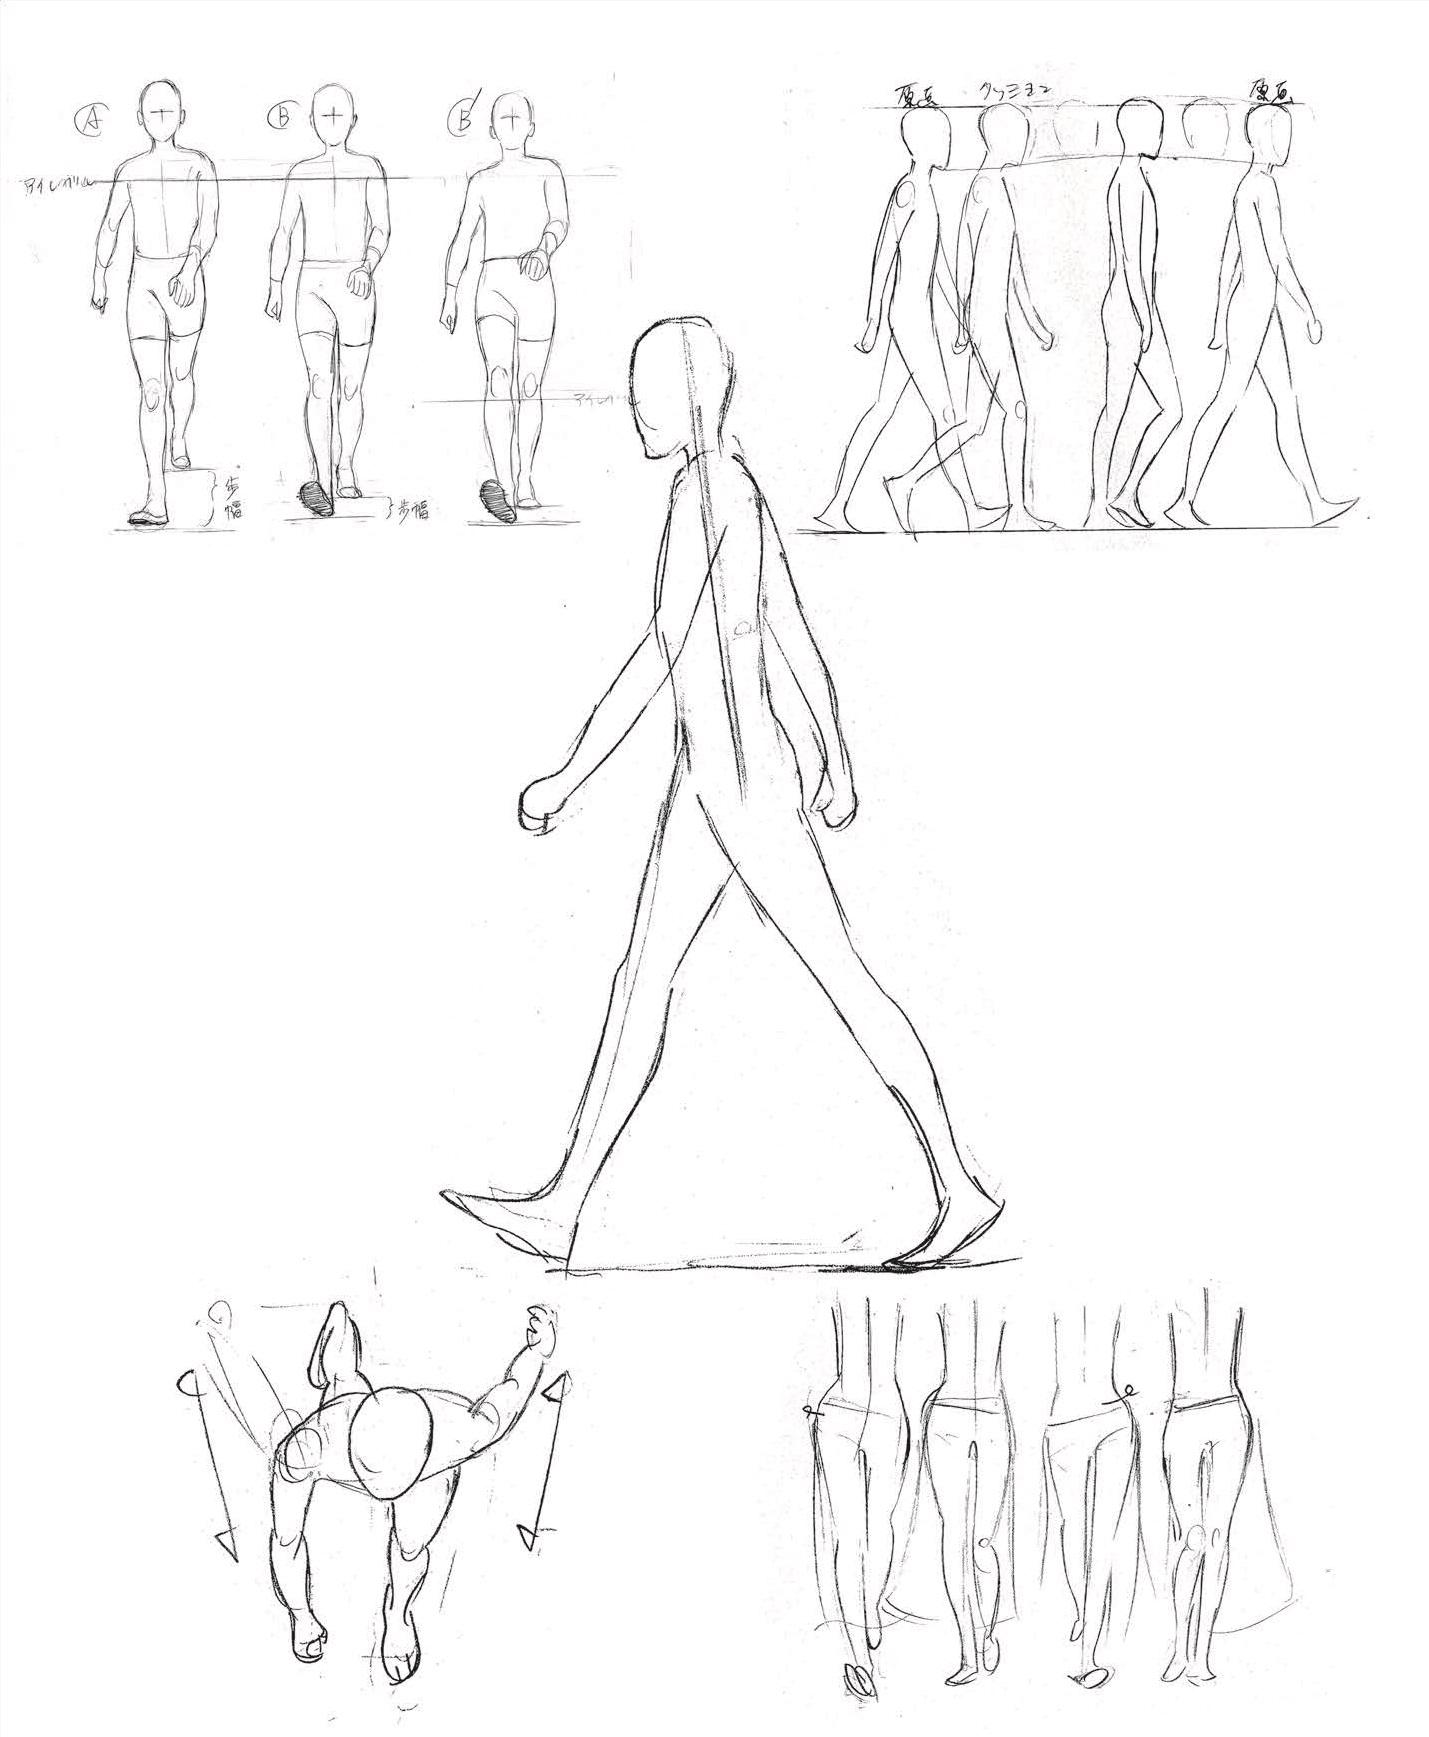 井上俊之 「歩き」について考える様々なこと【1/18以降順次発送開始予定】